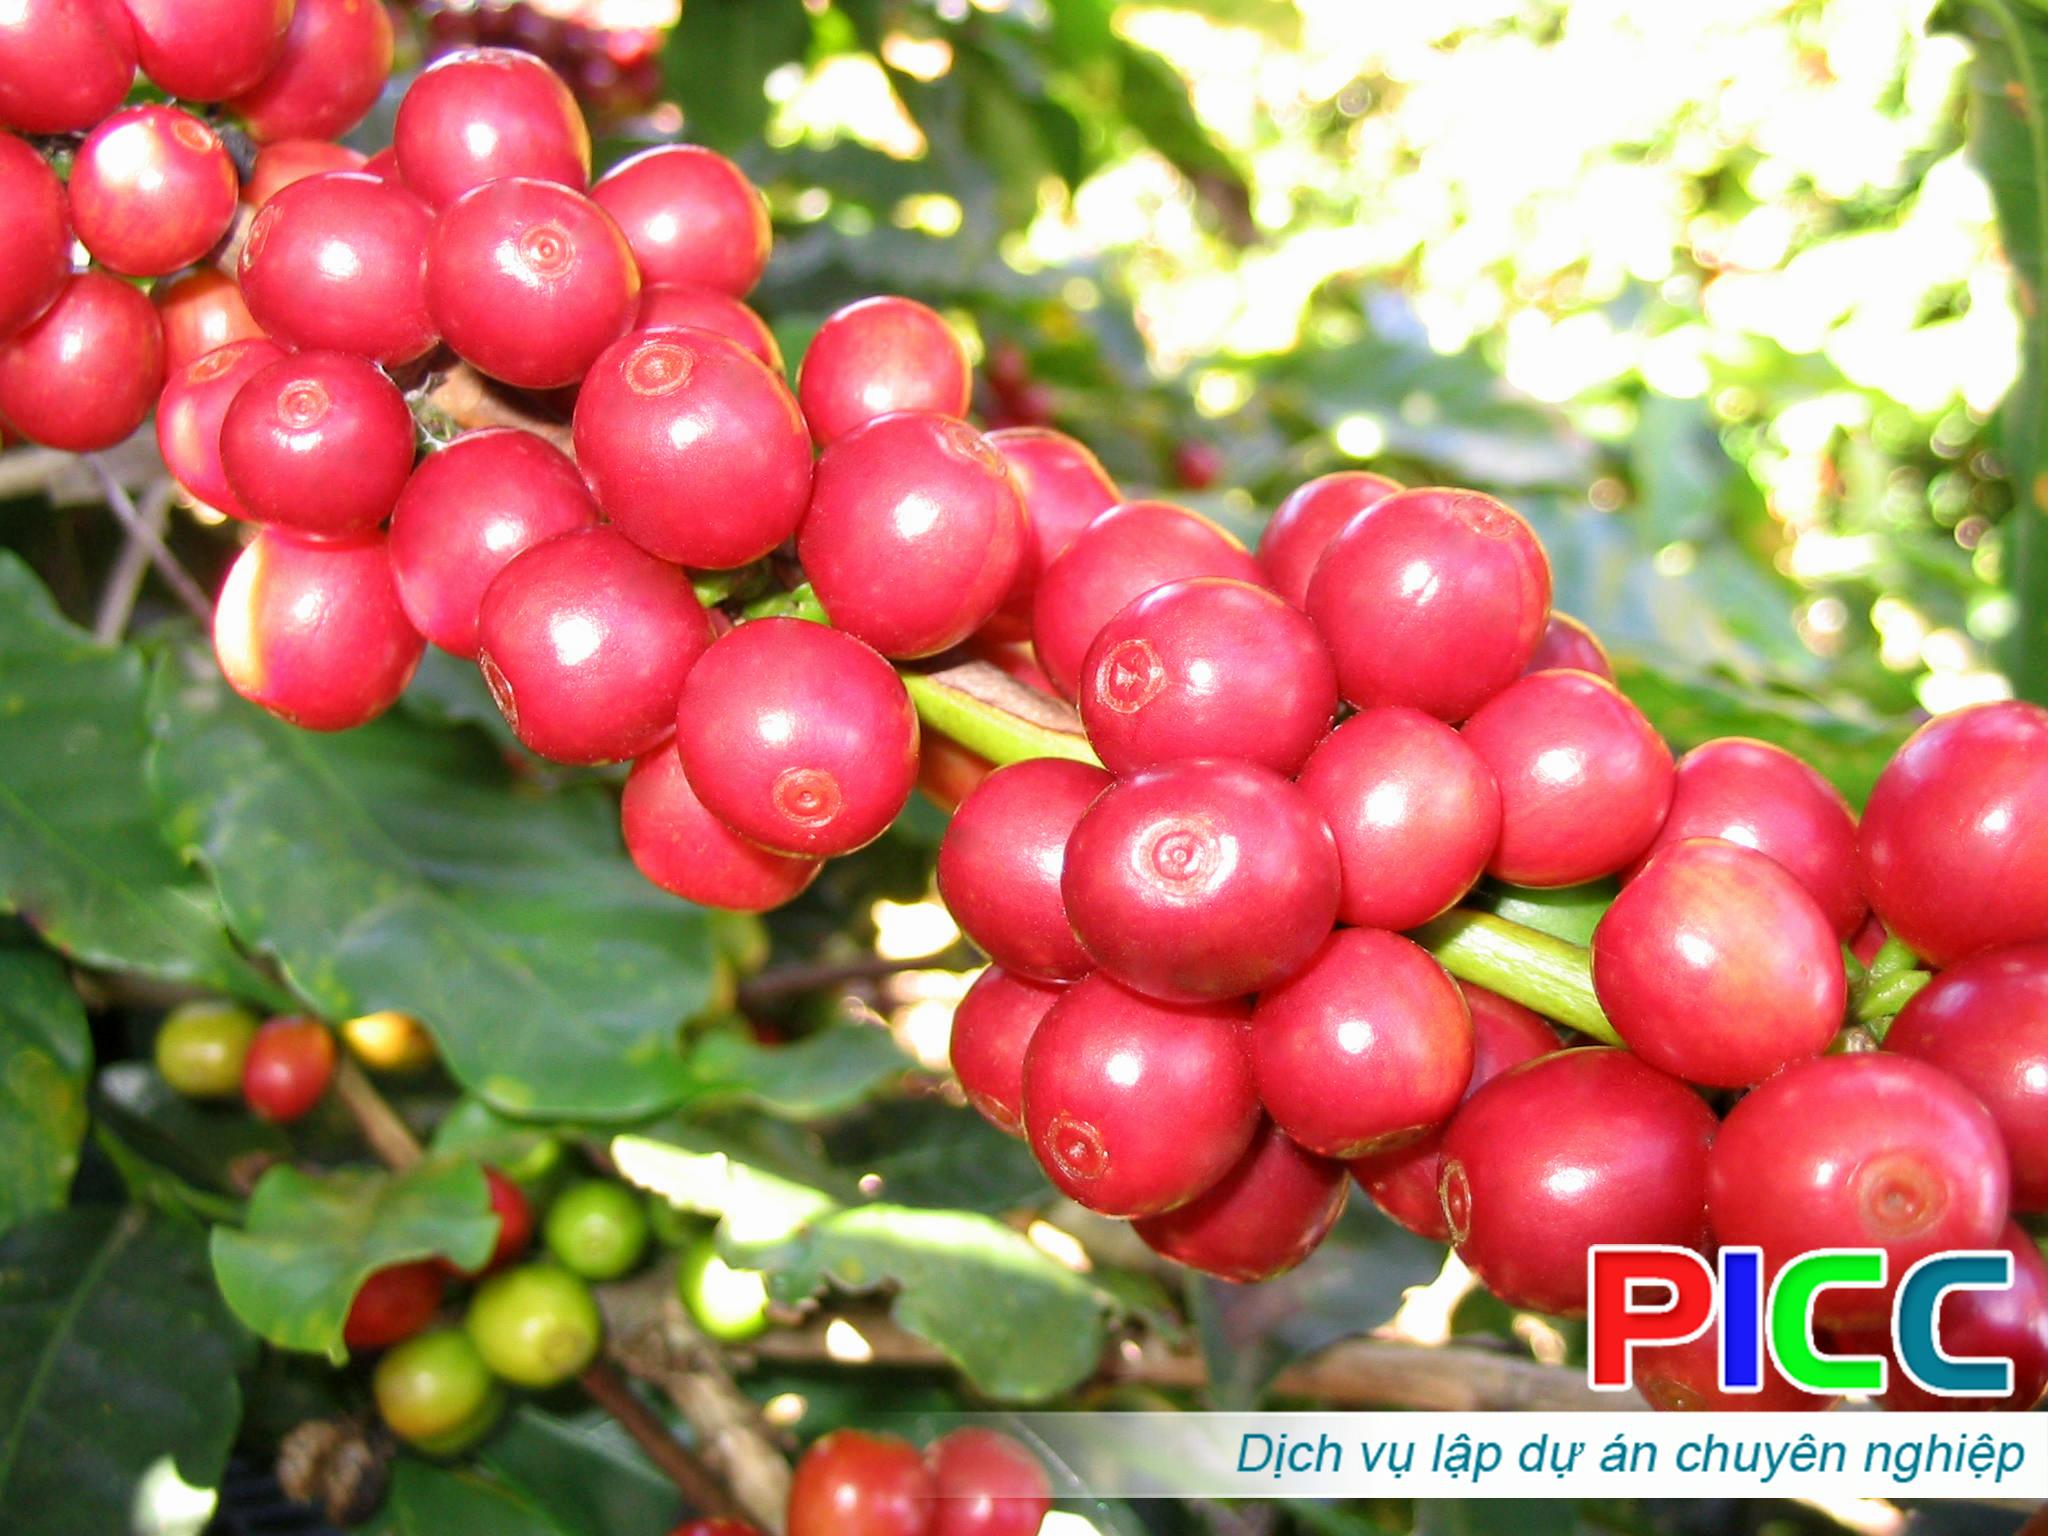 Dự án Trồng Hồ tiêu và Cà phê xuất khẩu ứng dụng công nghệ cao